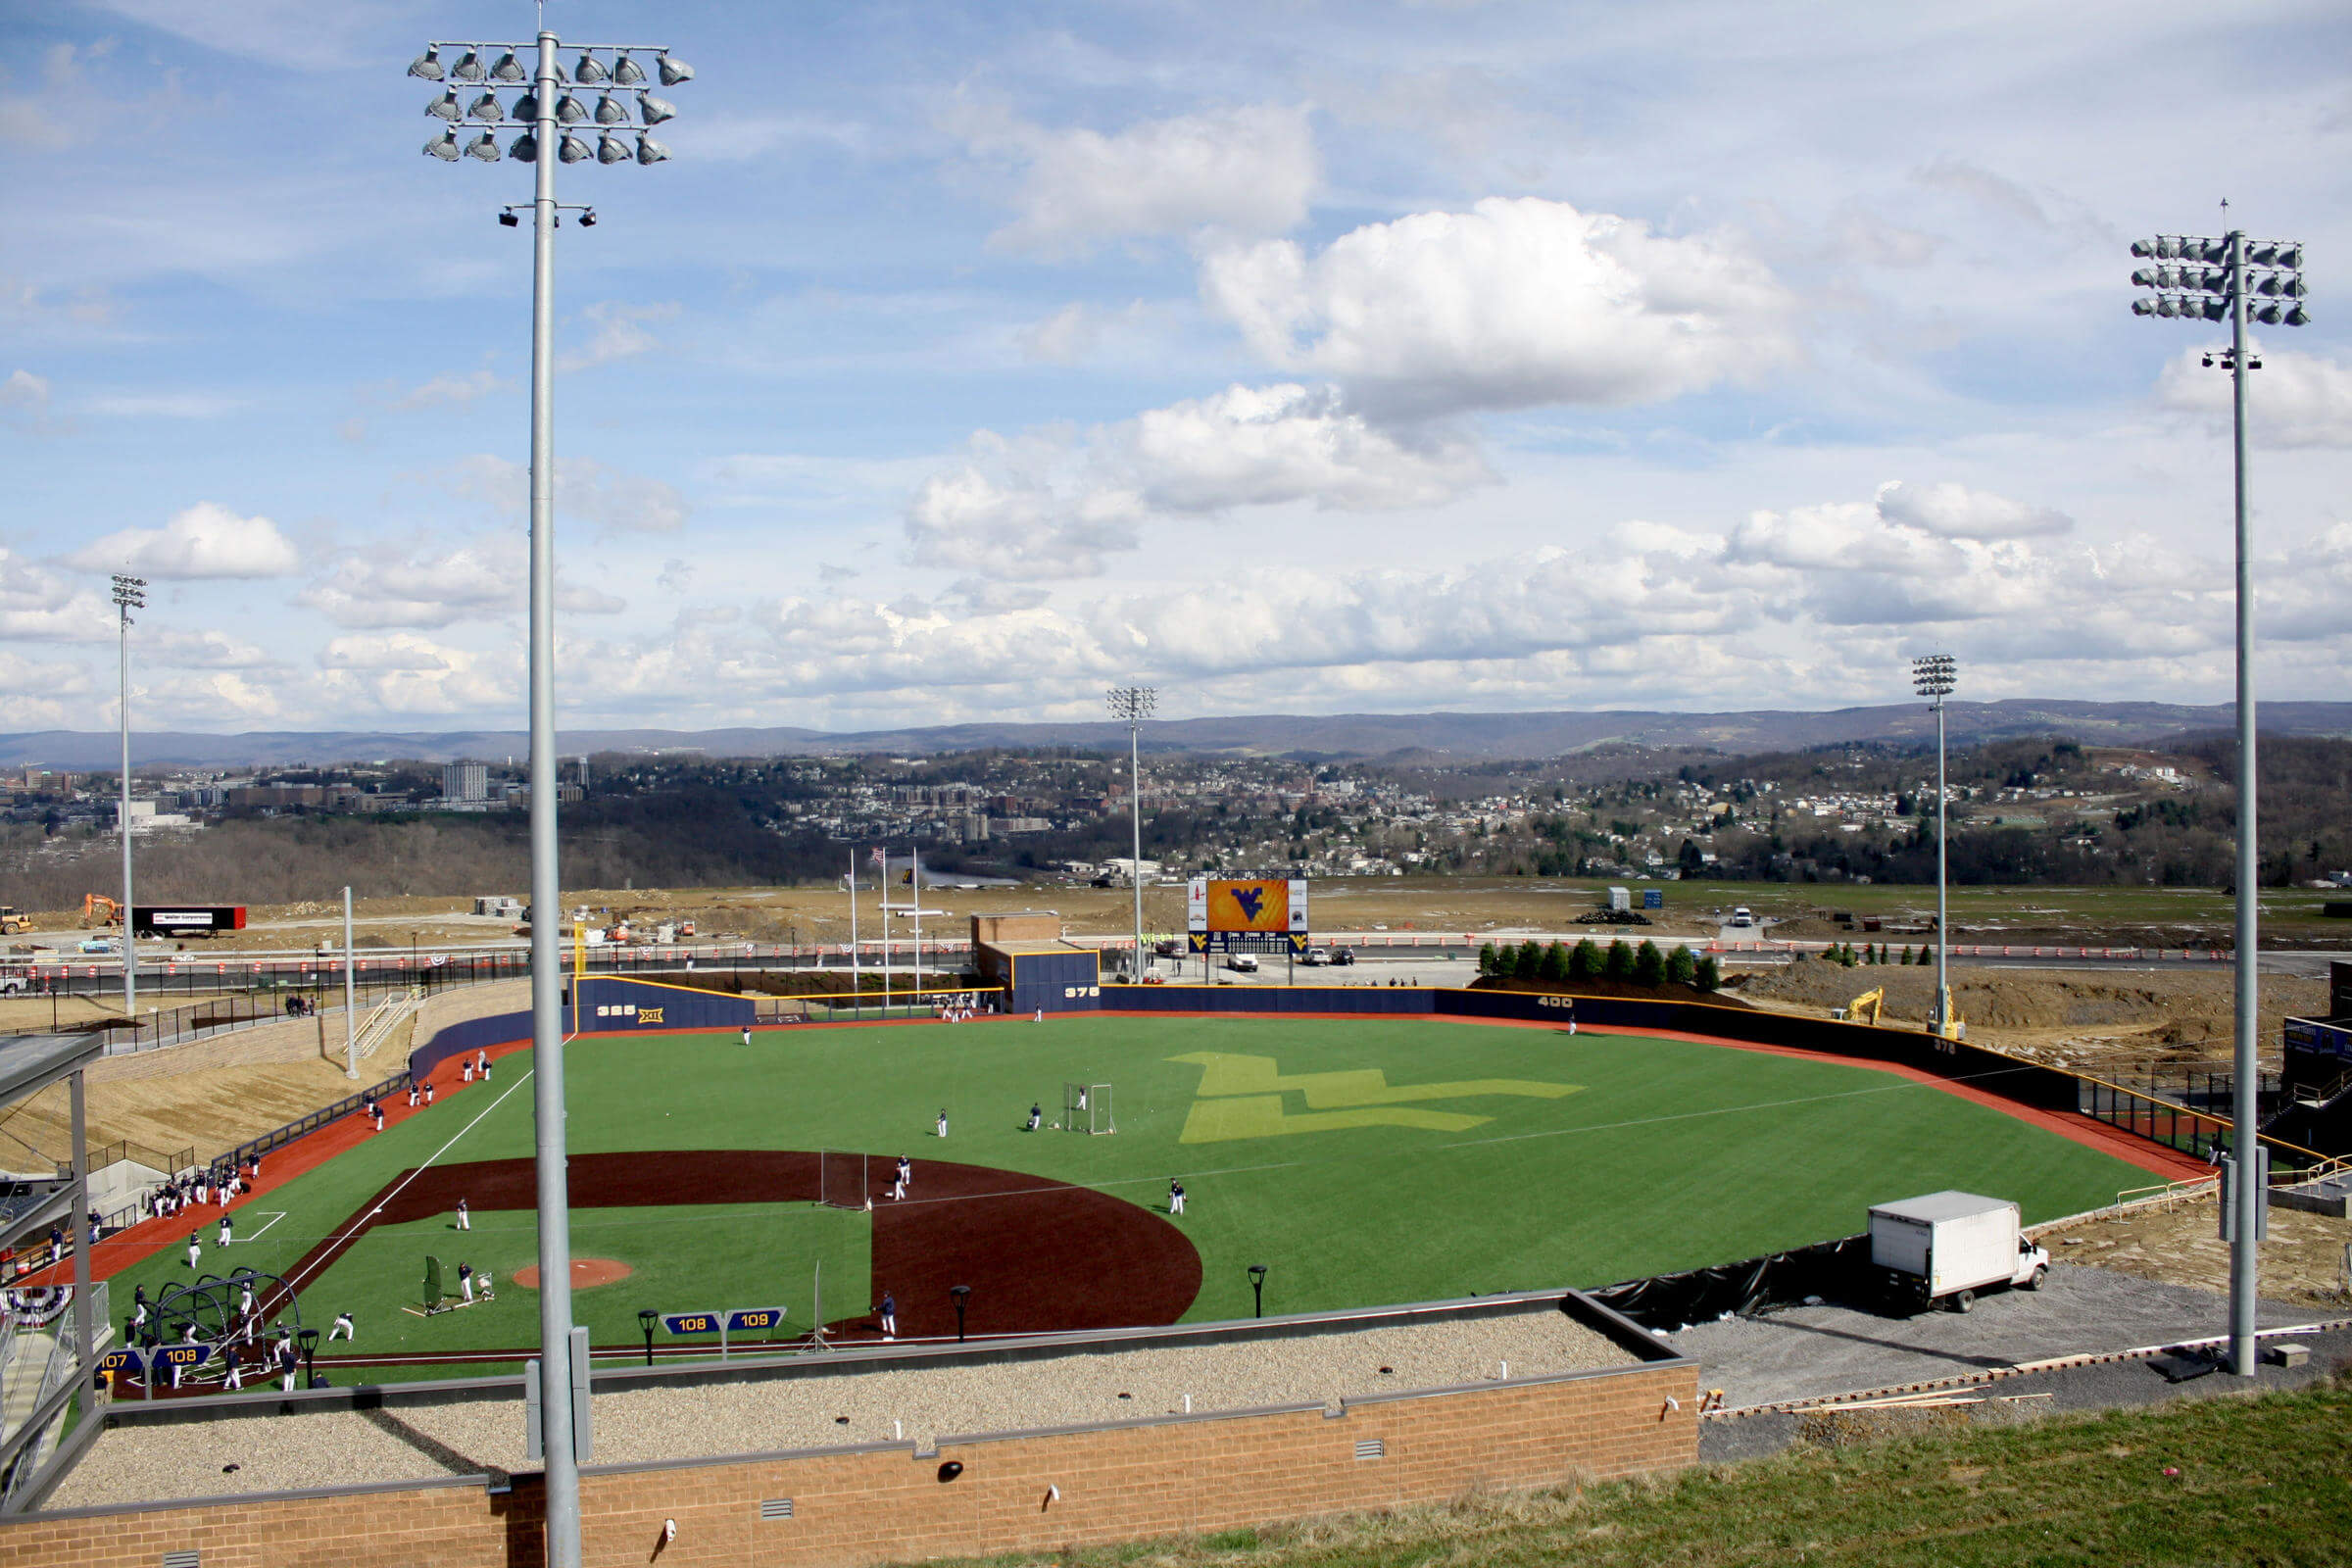 mon county ballpark views